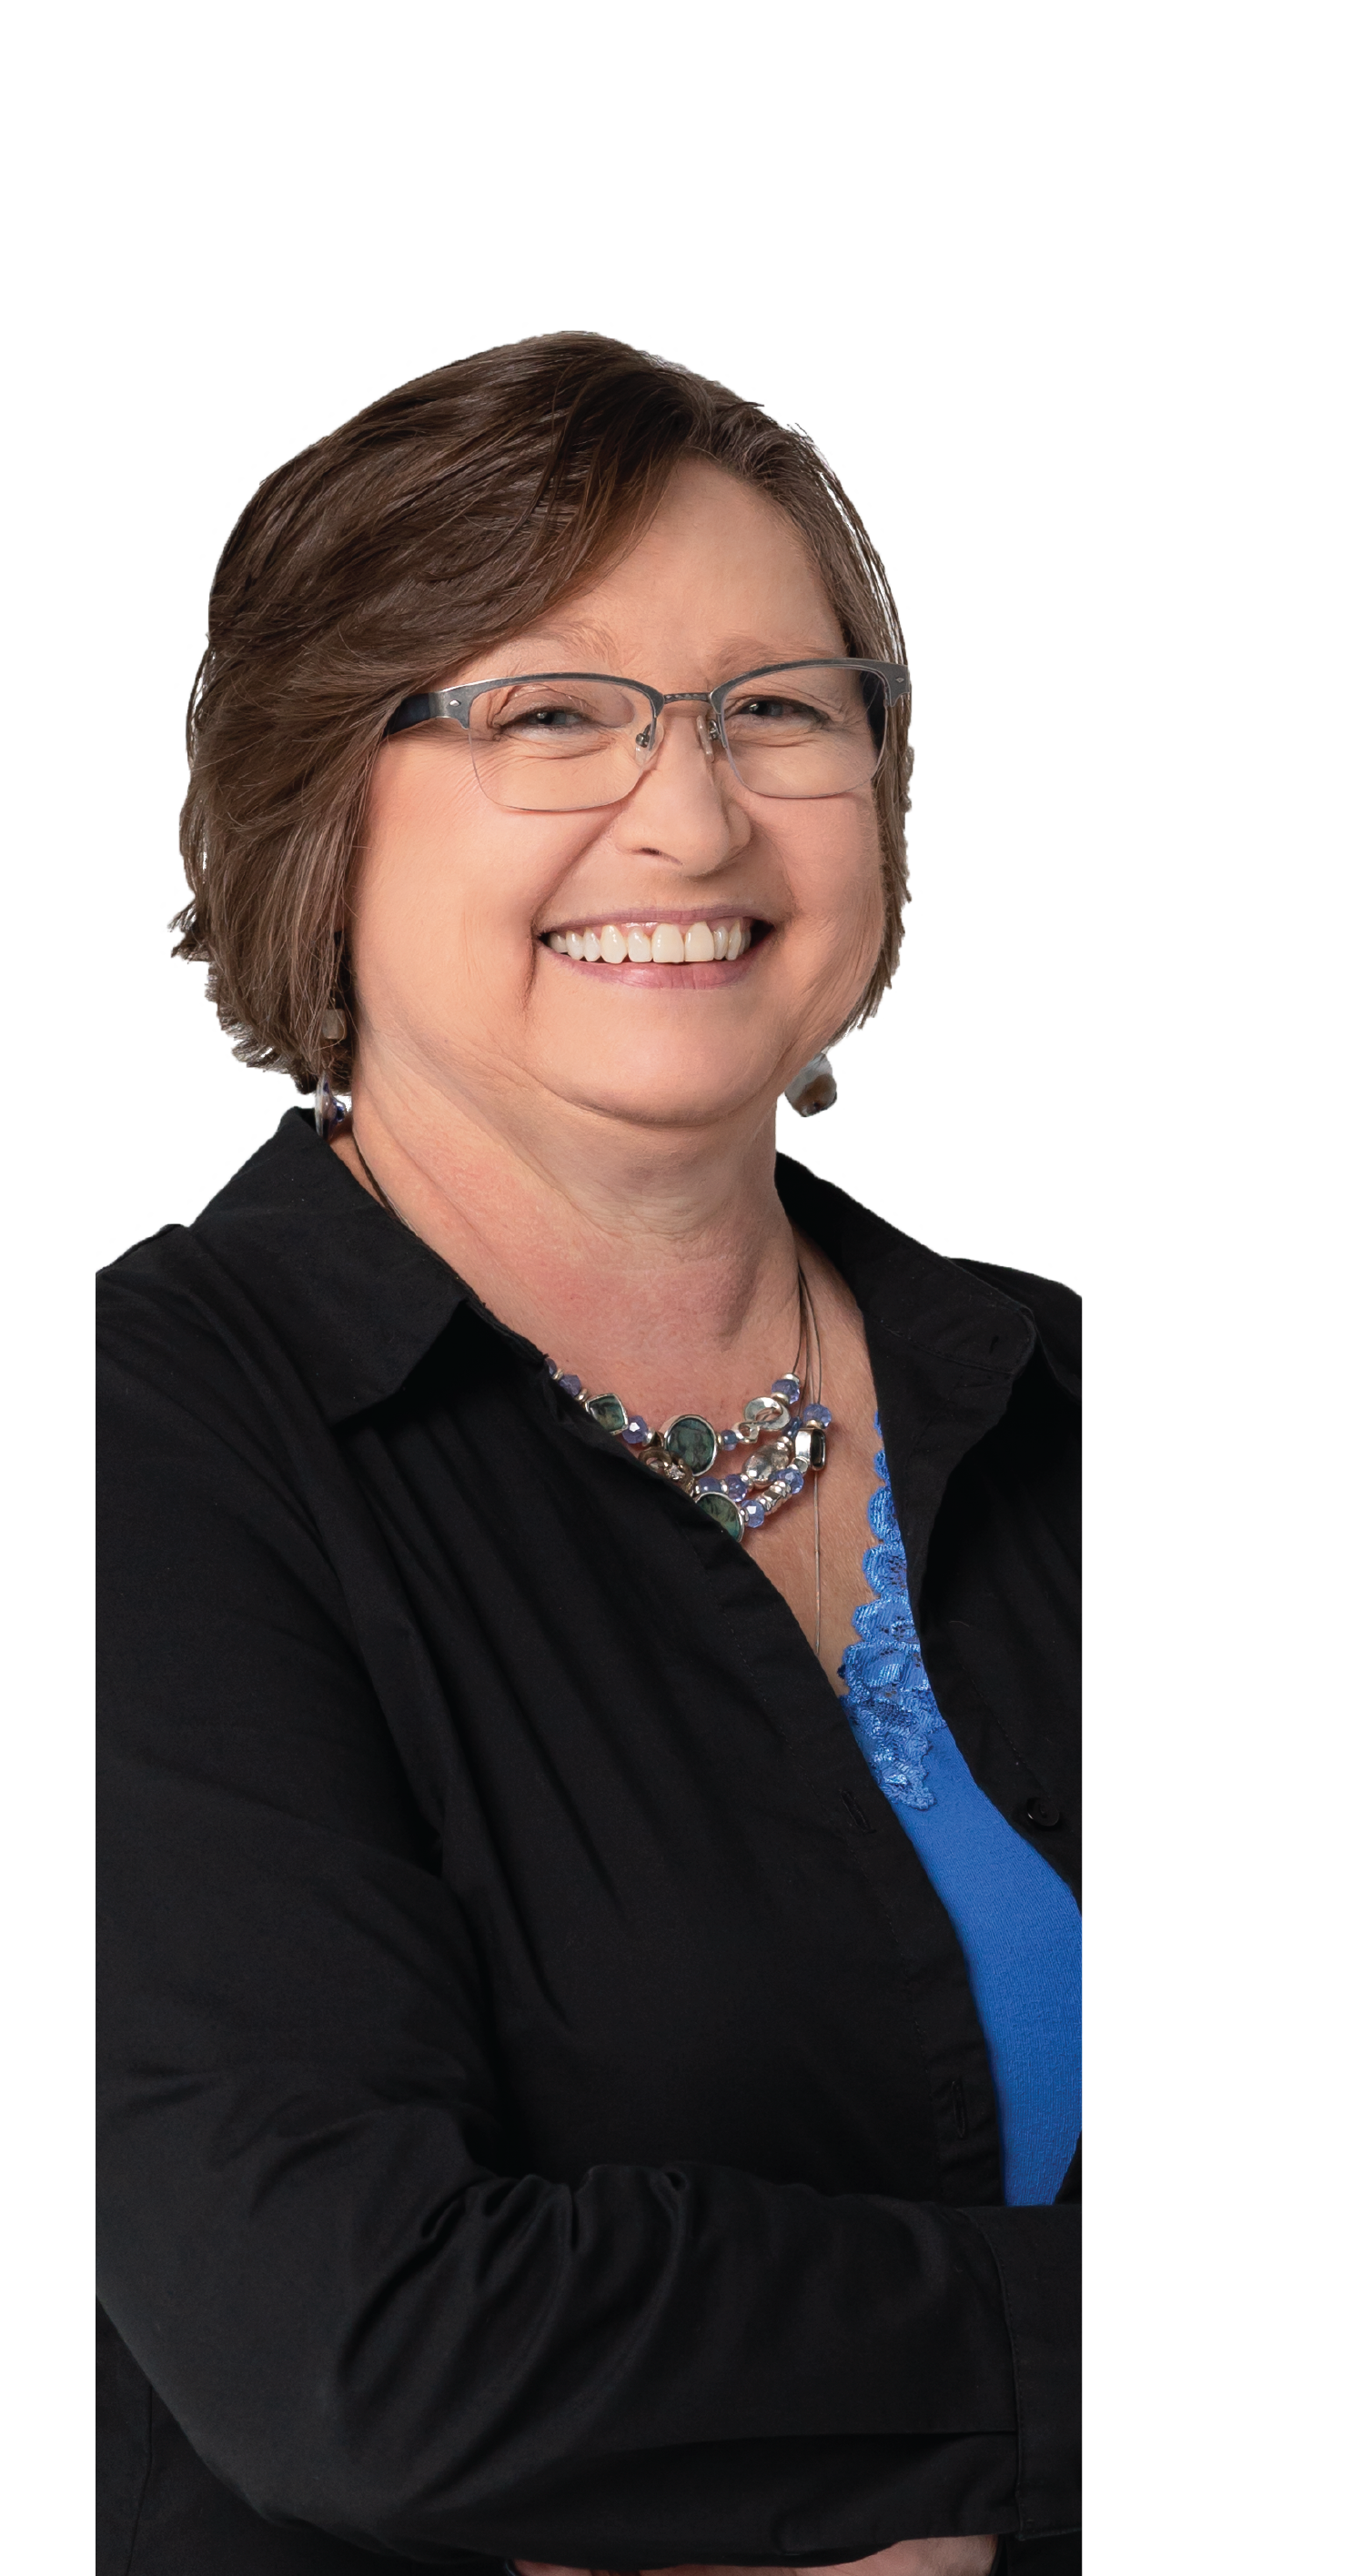 Sheila Duncan - Senior Member Service Representativesheila@dilloncu.com